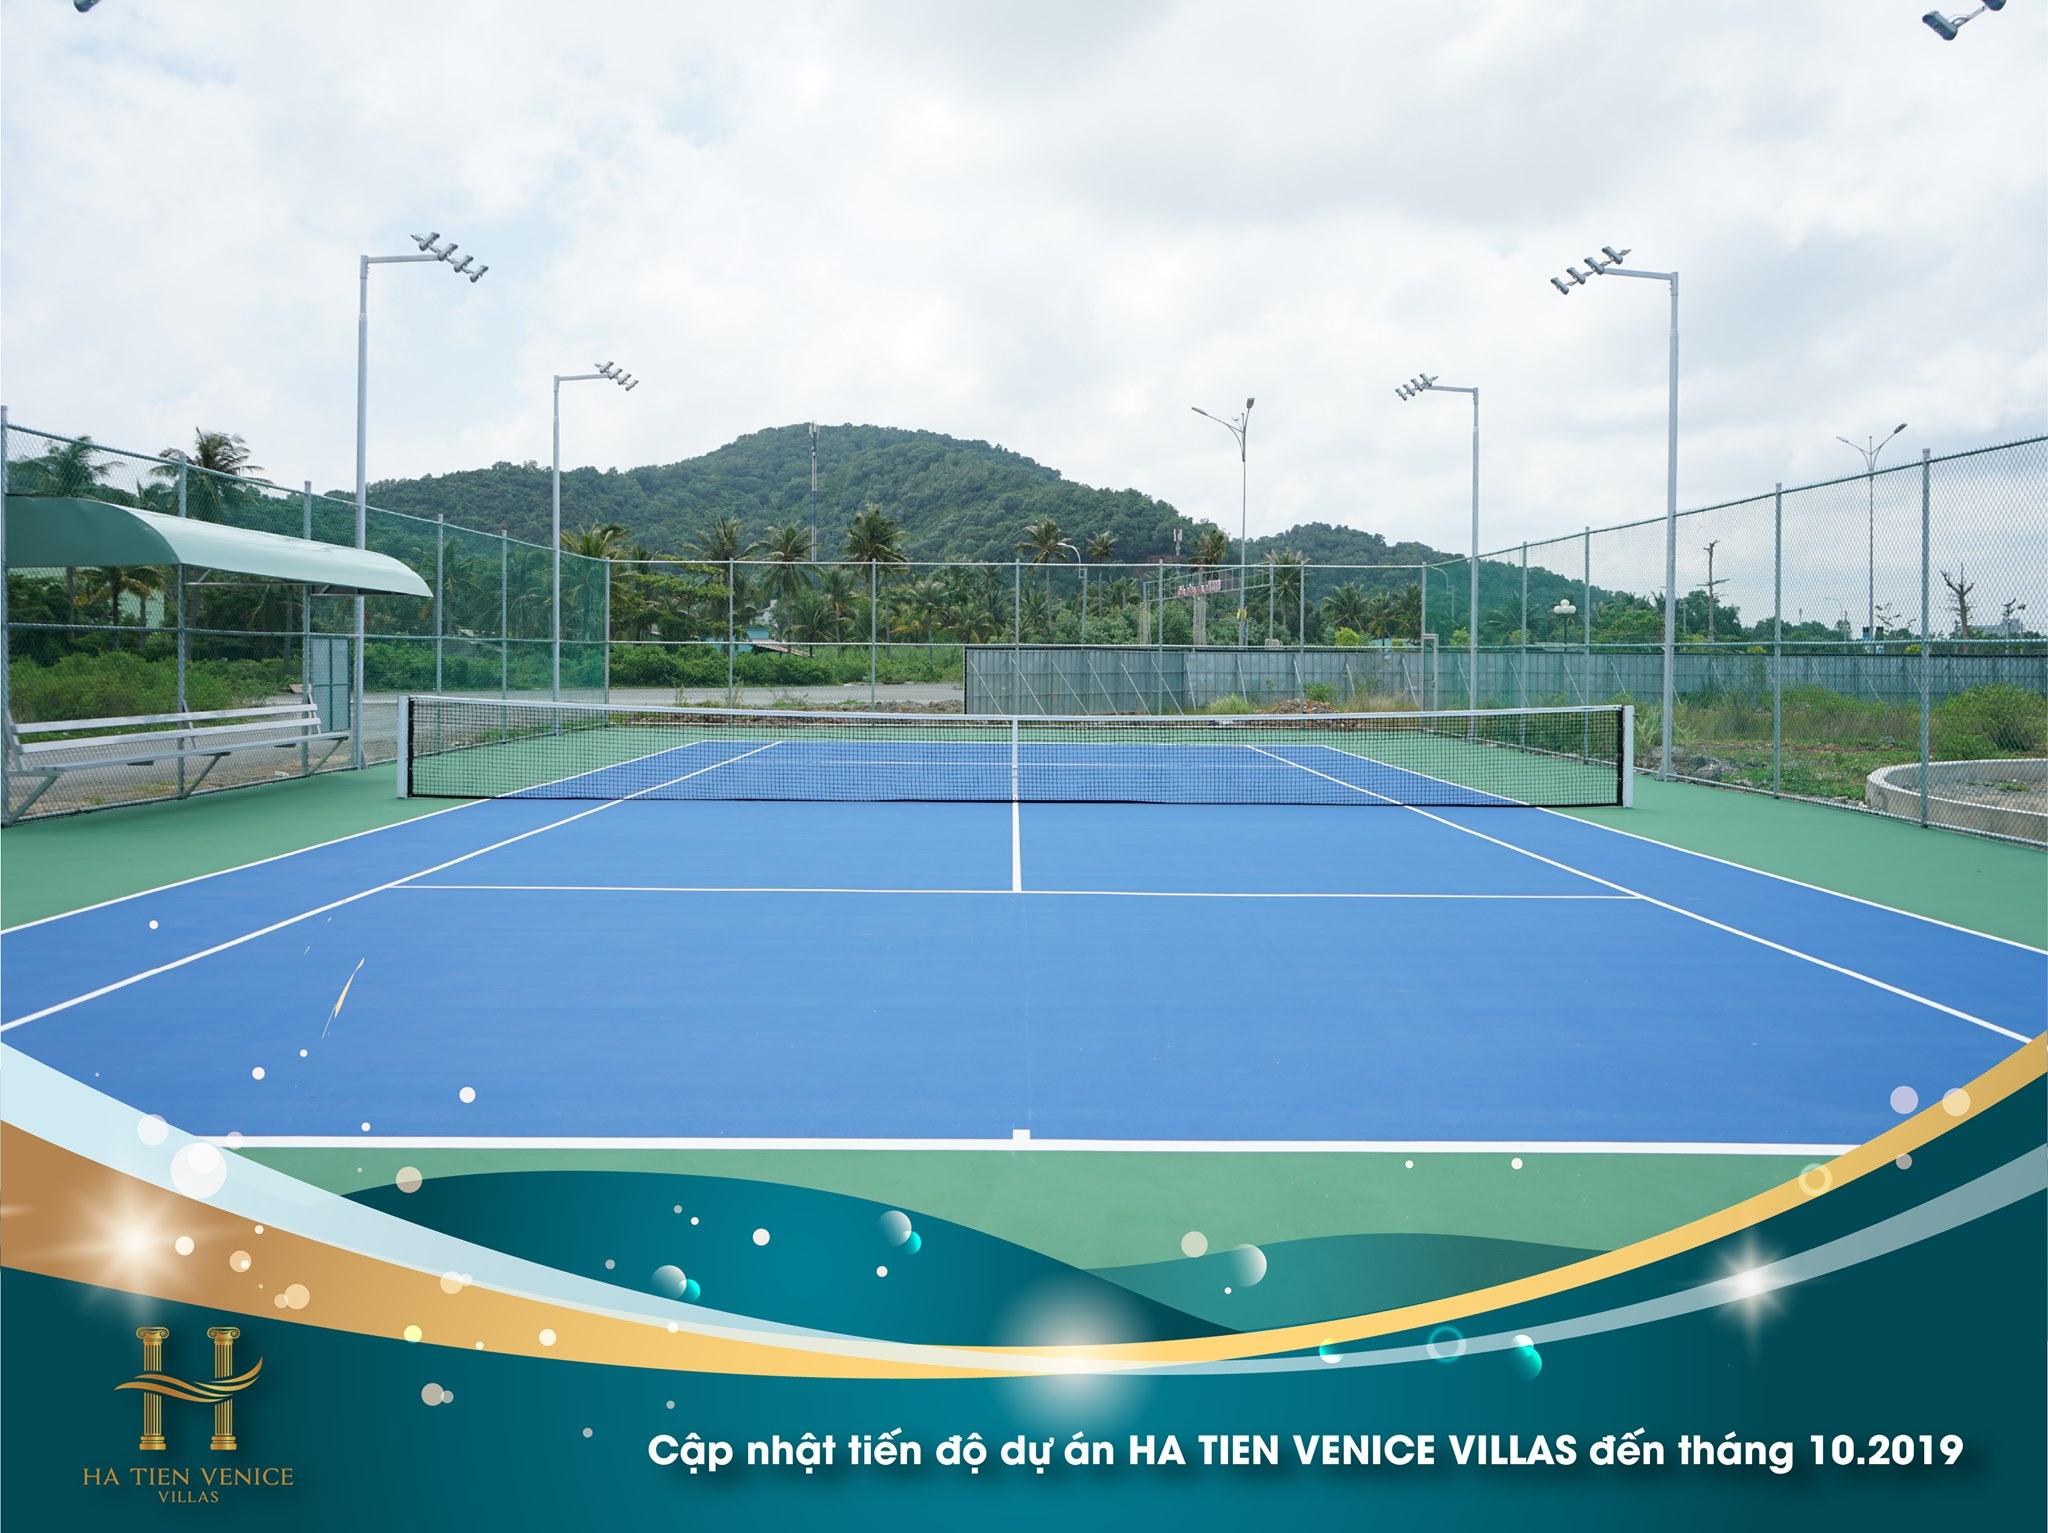 Sân Tennis đã hoàn thành từ tháng 6/2019